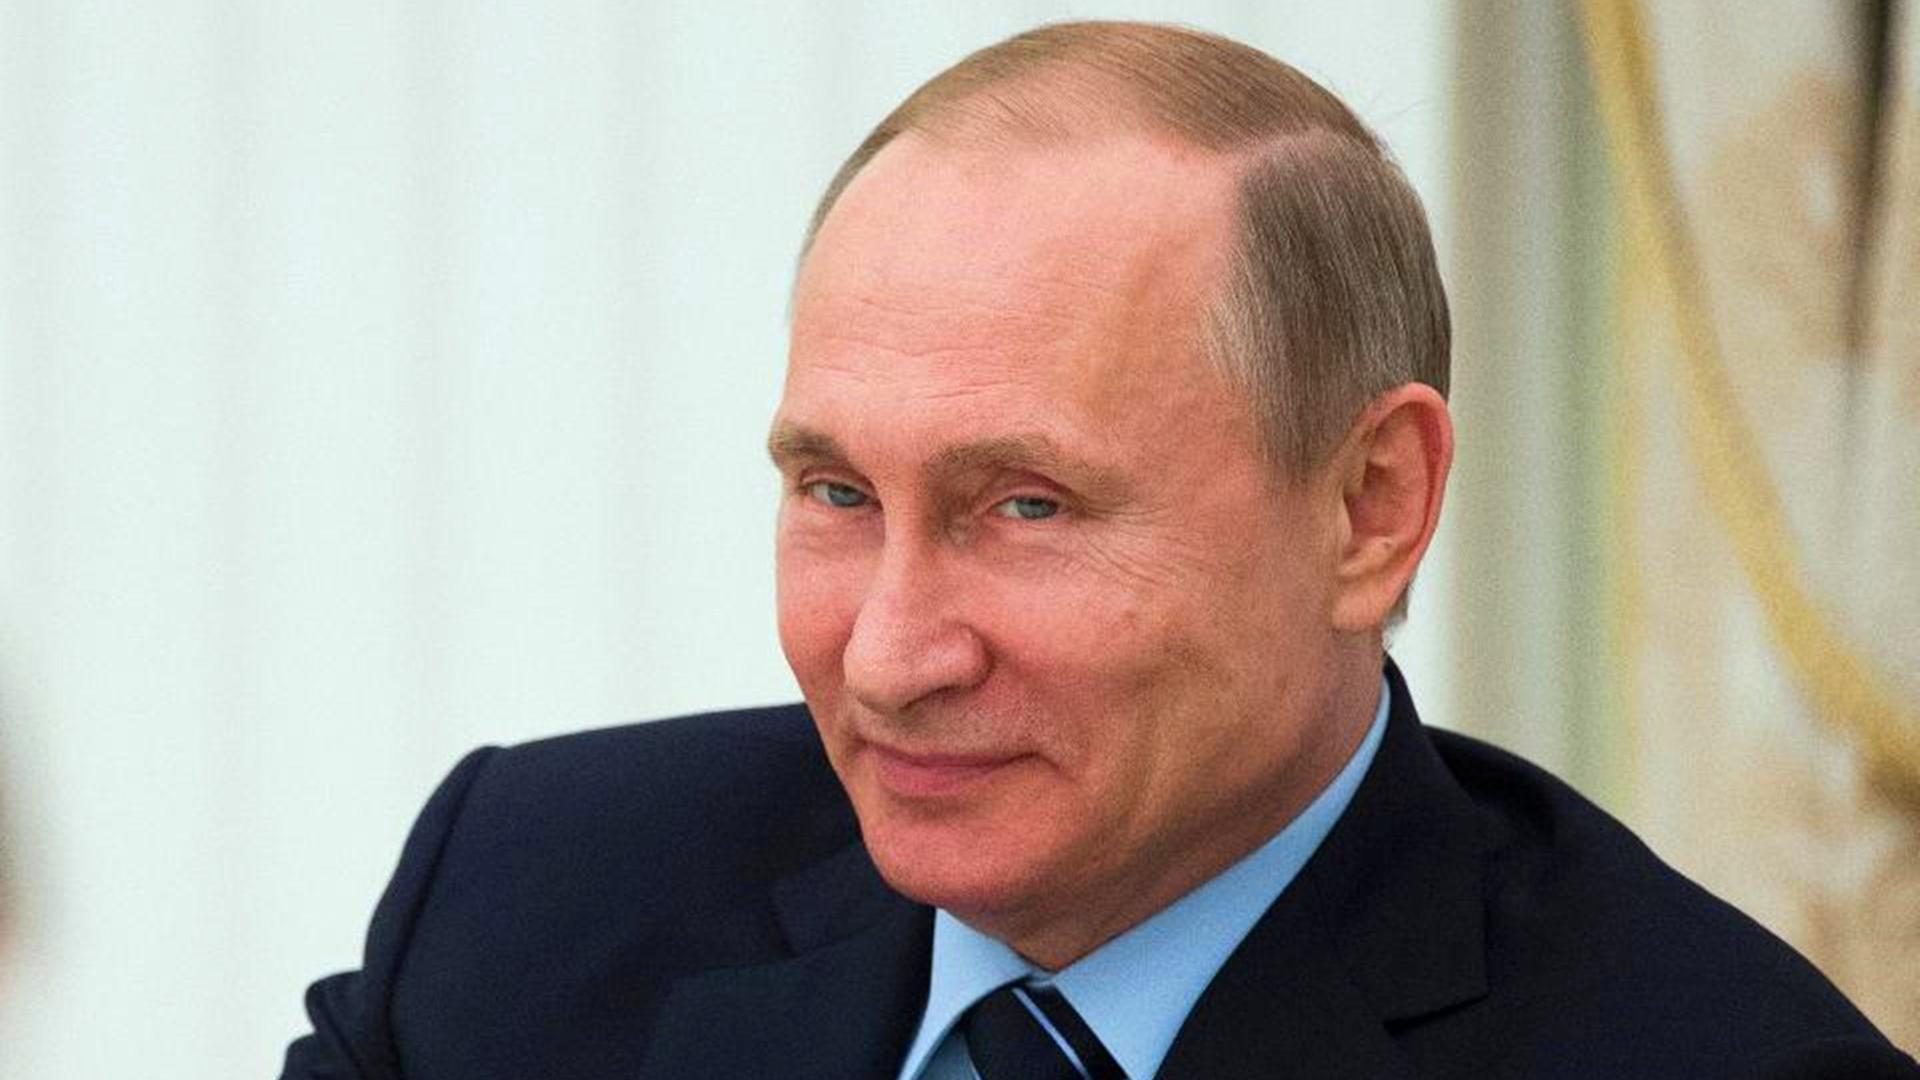 这招绝了!俄罗斯封堵刻赤海峡,乌军舰回不去港口,急得团团转